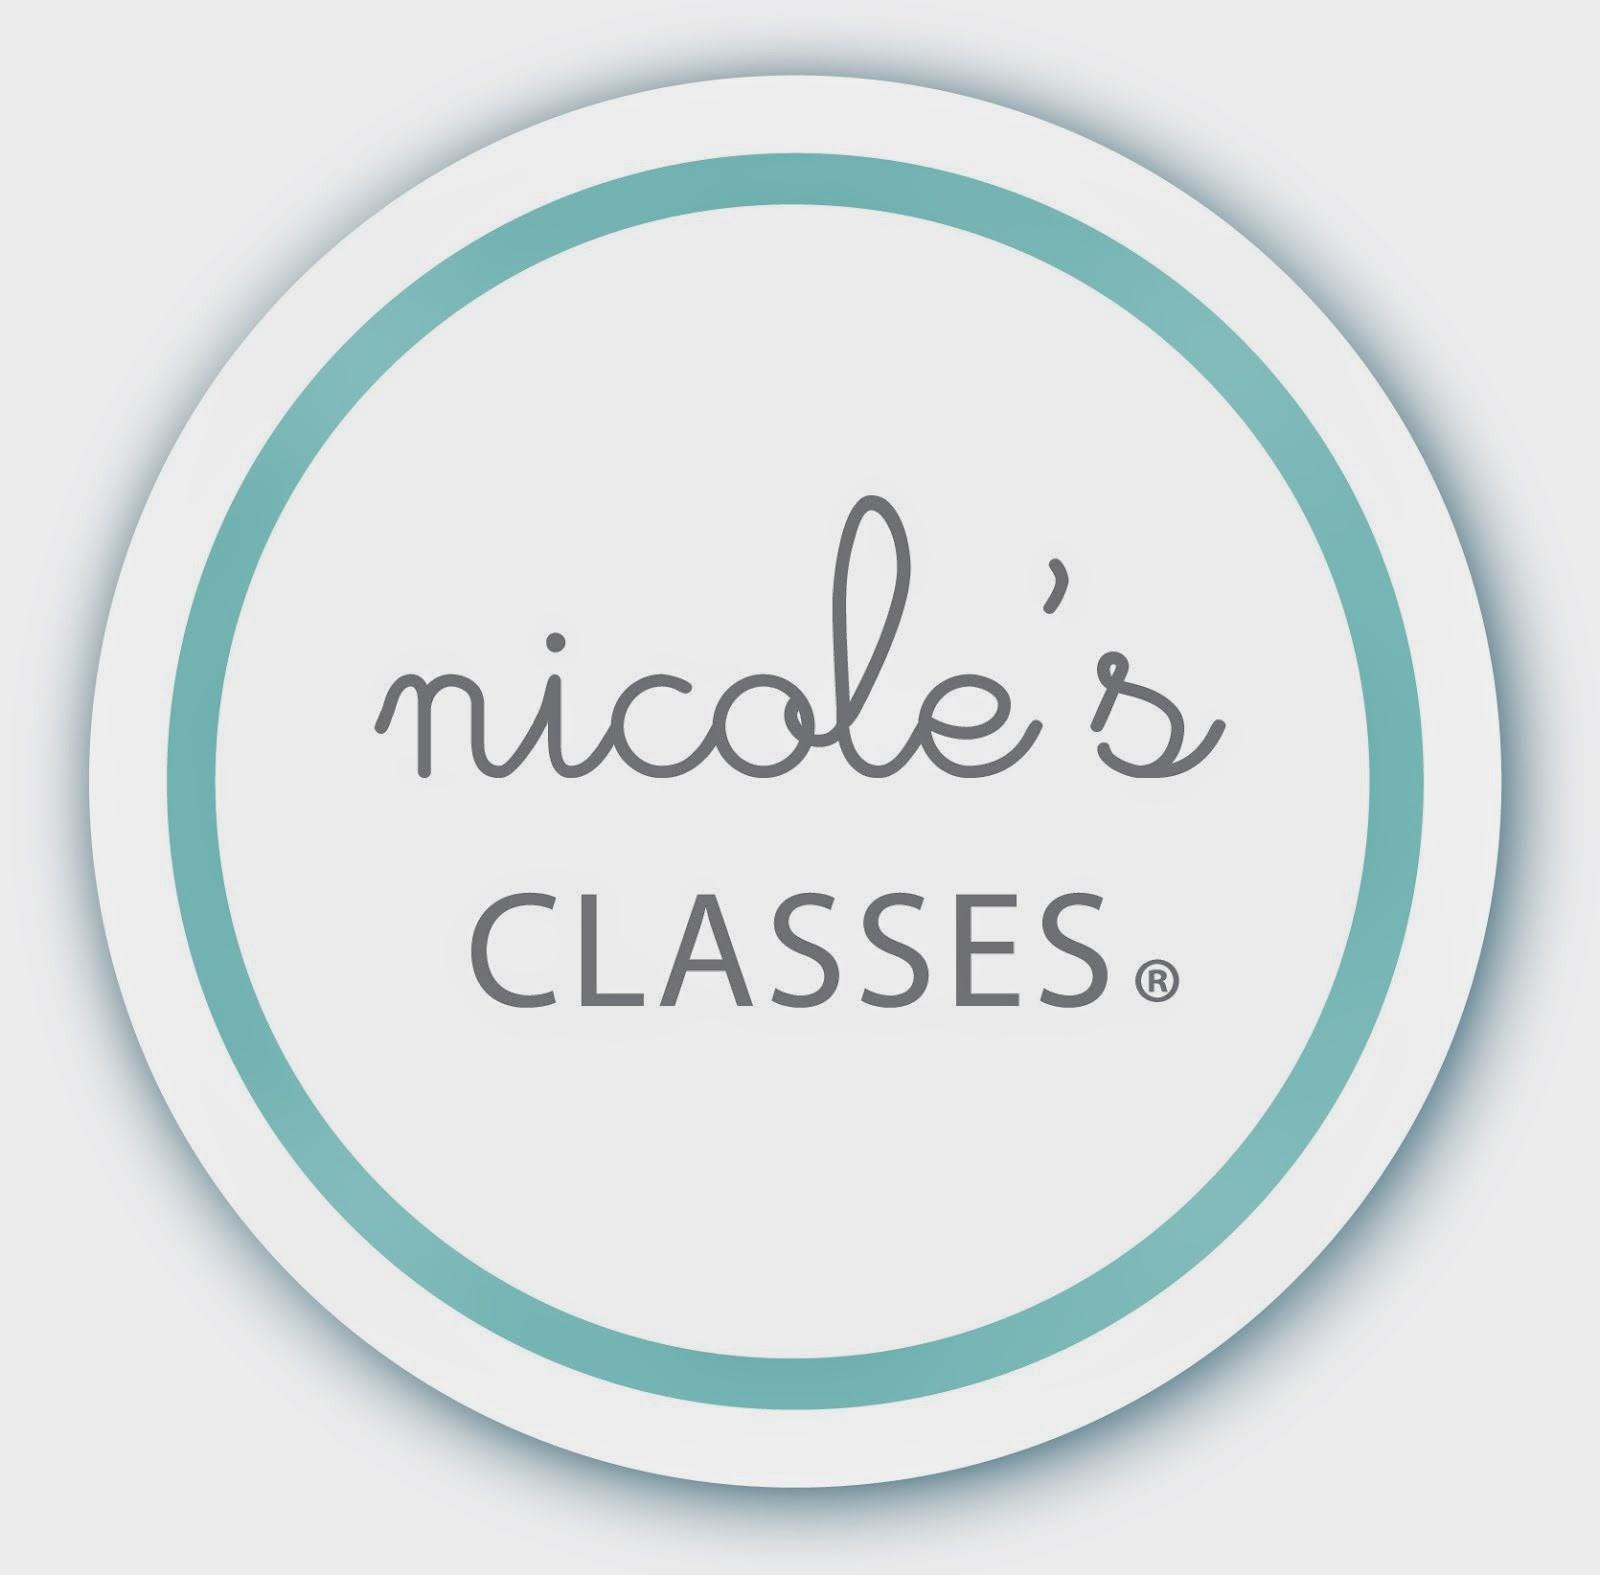 nicoles classes